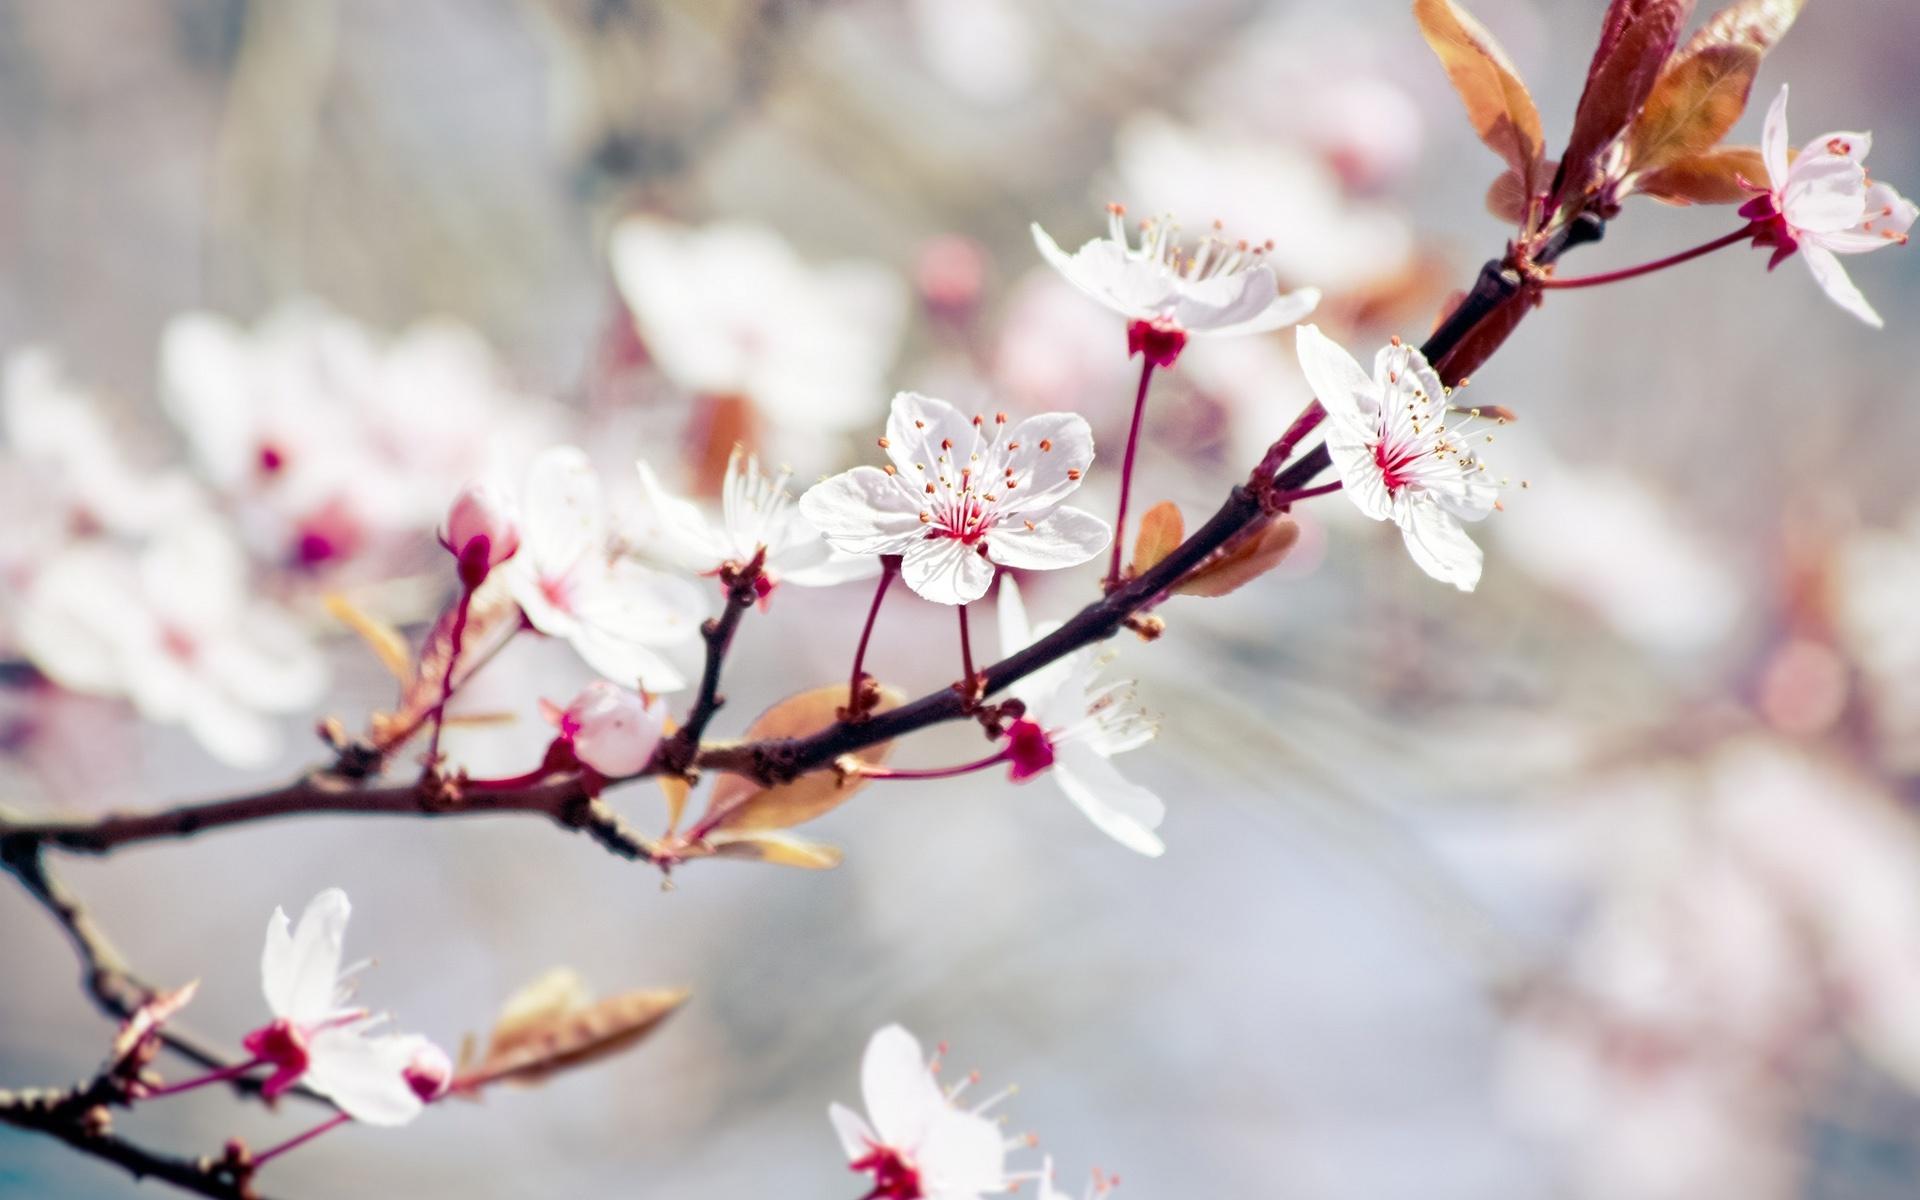 Fondo De Pantalla Flores Blancas En Fondo Rosa: Flores Blancas, árboles De Primavera Fondos De Pantalla